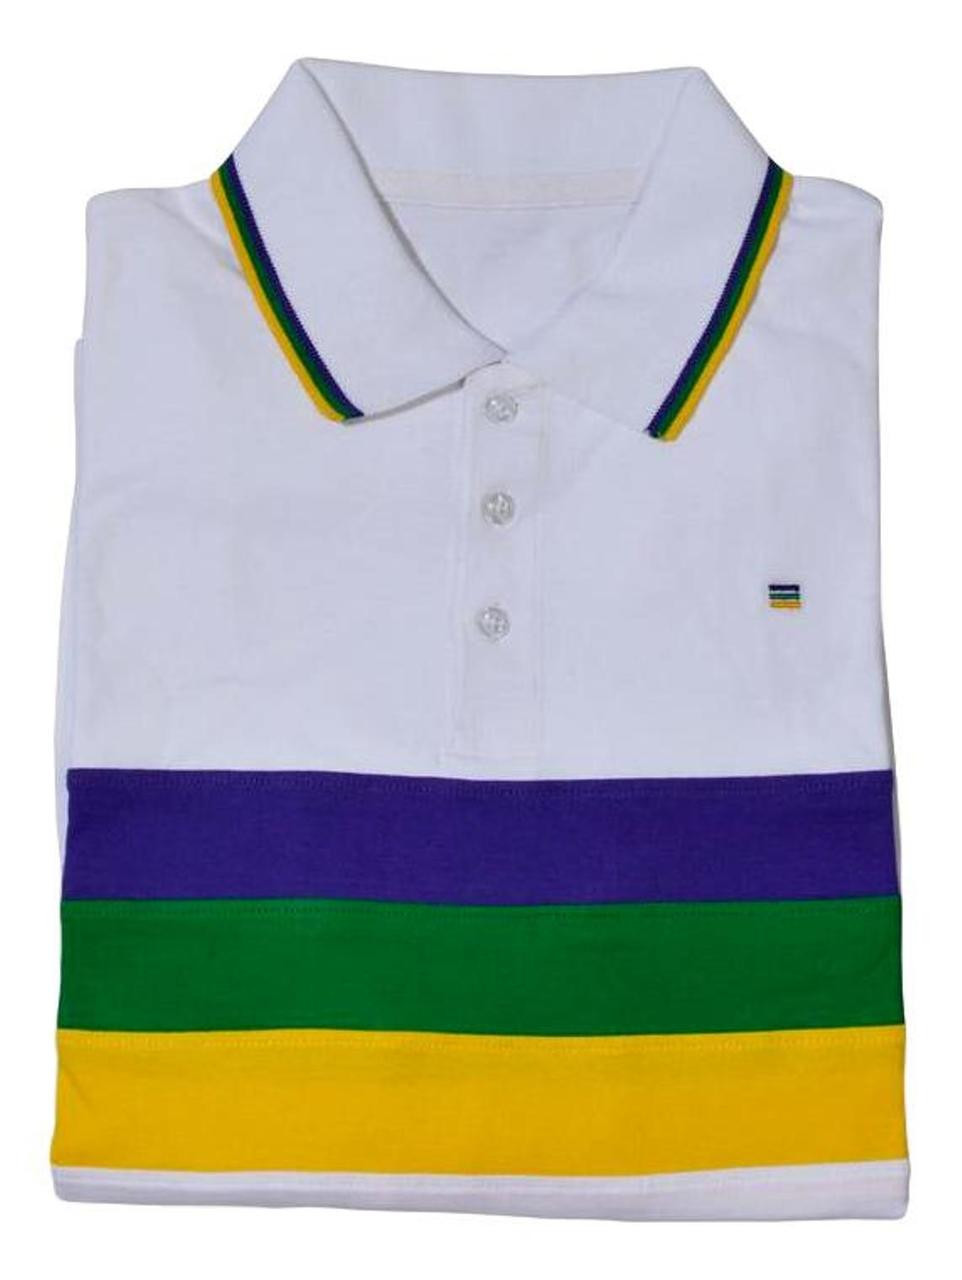 9151aa2a1 t-shirt half 3  540x clipped rev 1  85199.1529001130.jpg c 2 imbypass on